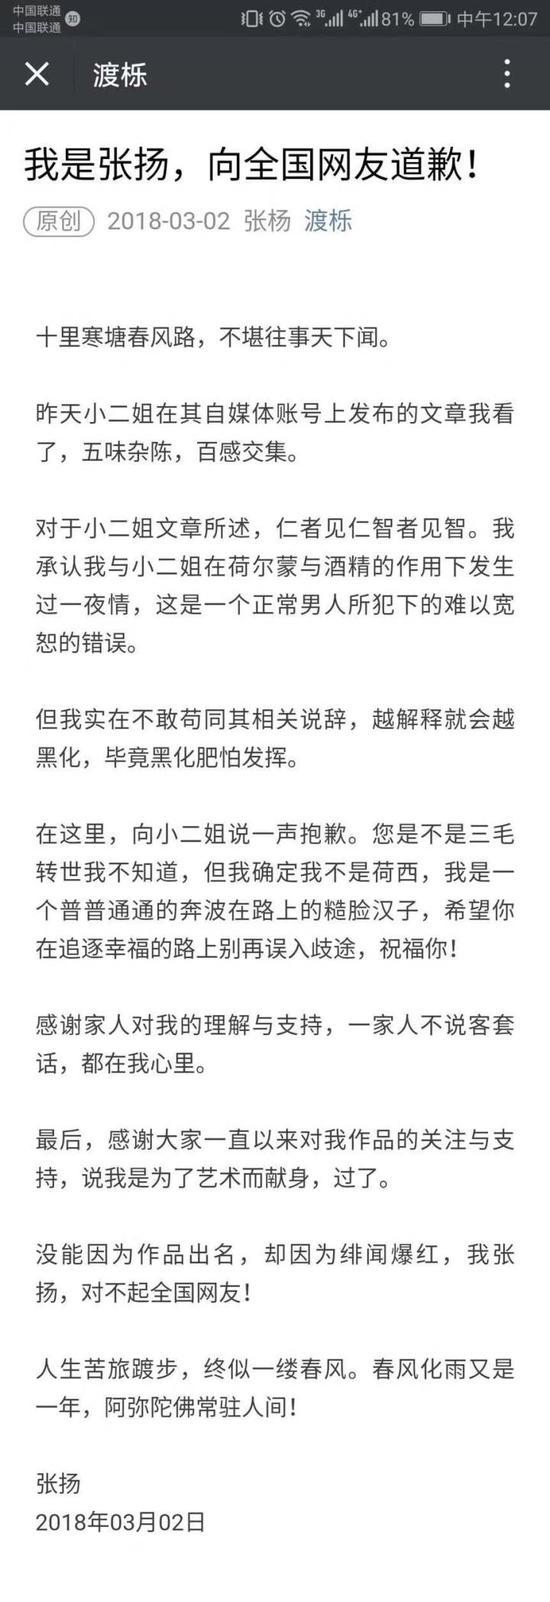 某公号似杜撰张杨疑承认出轨 名字写错 现已删除